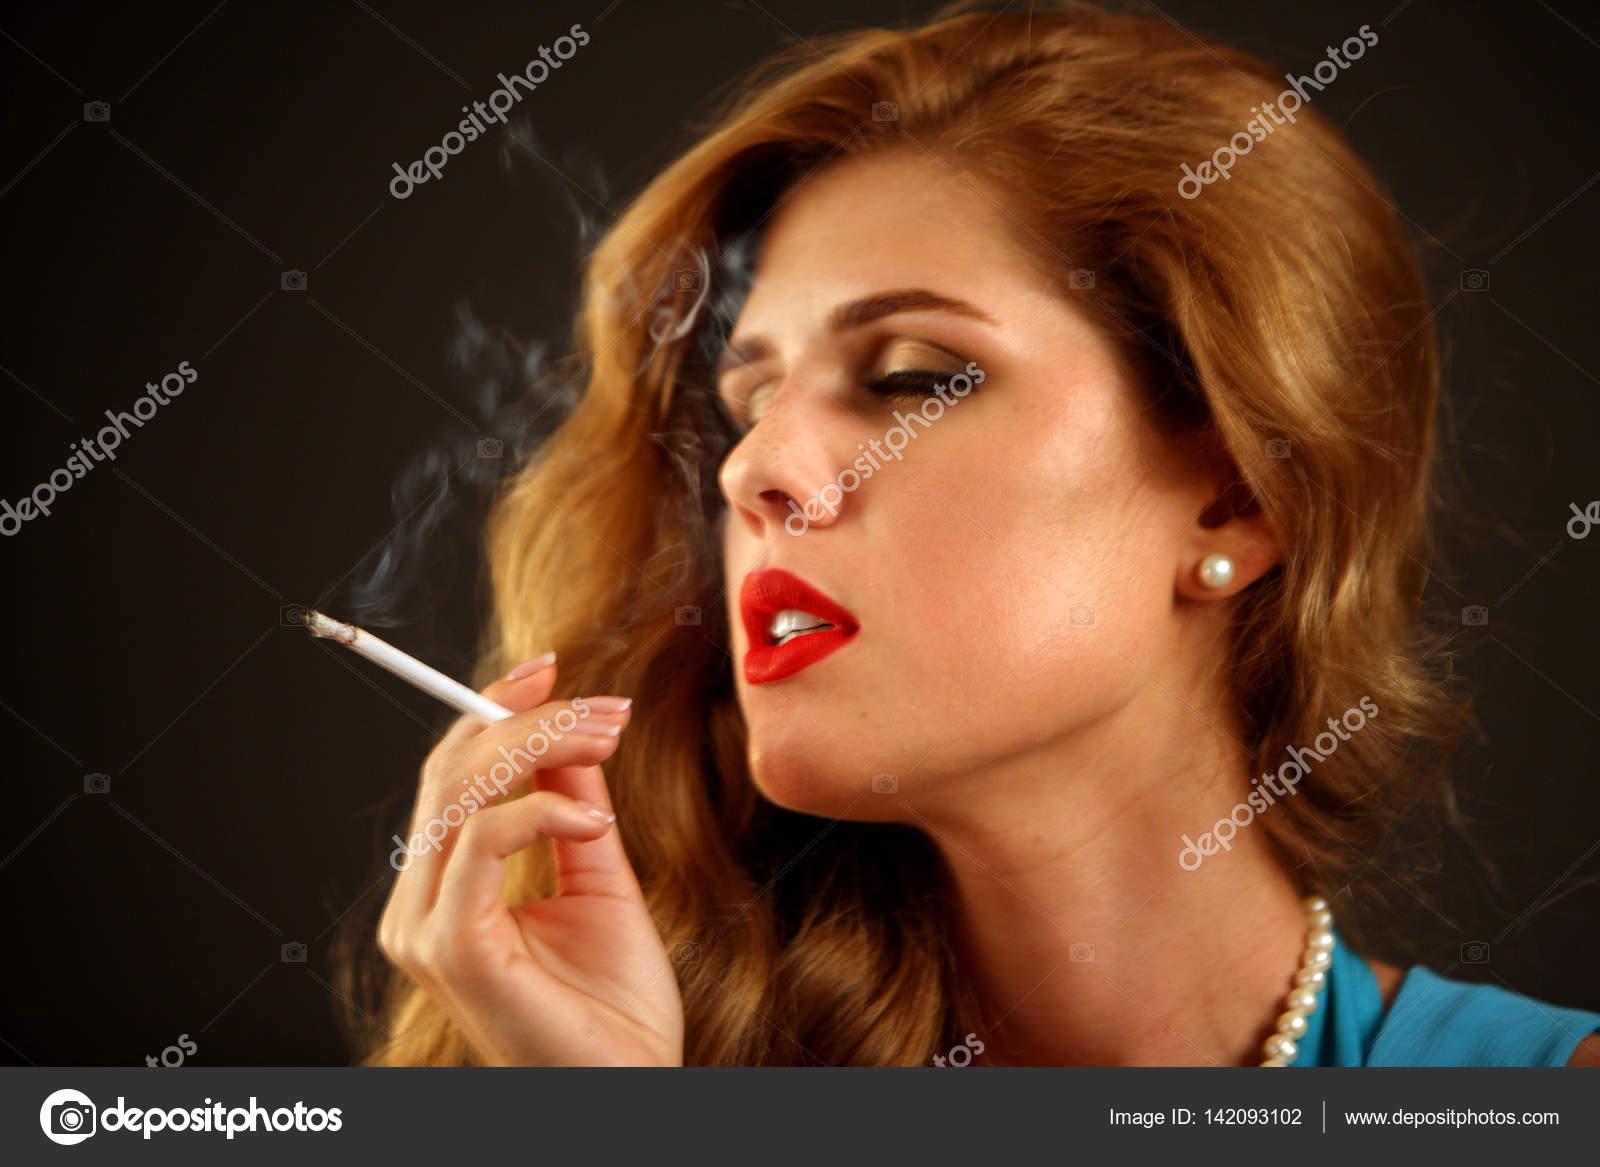 Курение девушек это